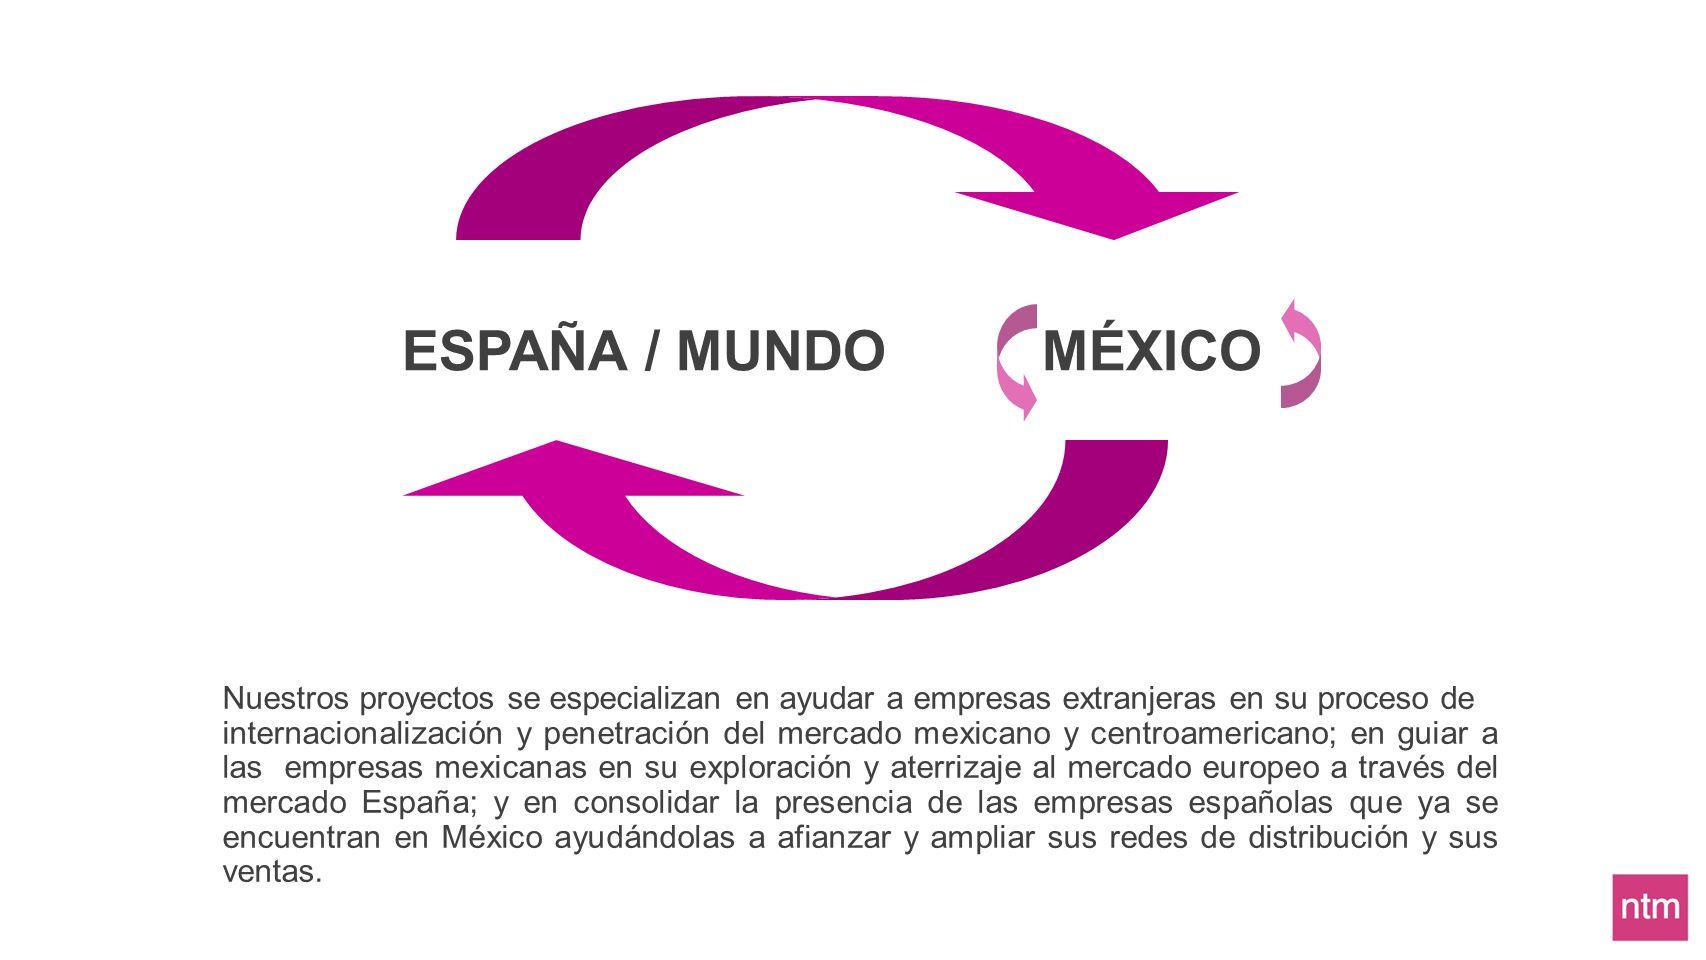 CONAGUA: Organismo que administra y preserva el agua en México siendo responsable depende de la Secretaría de Medio Ambiente y Recursos Naturales (ídem ministerio).